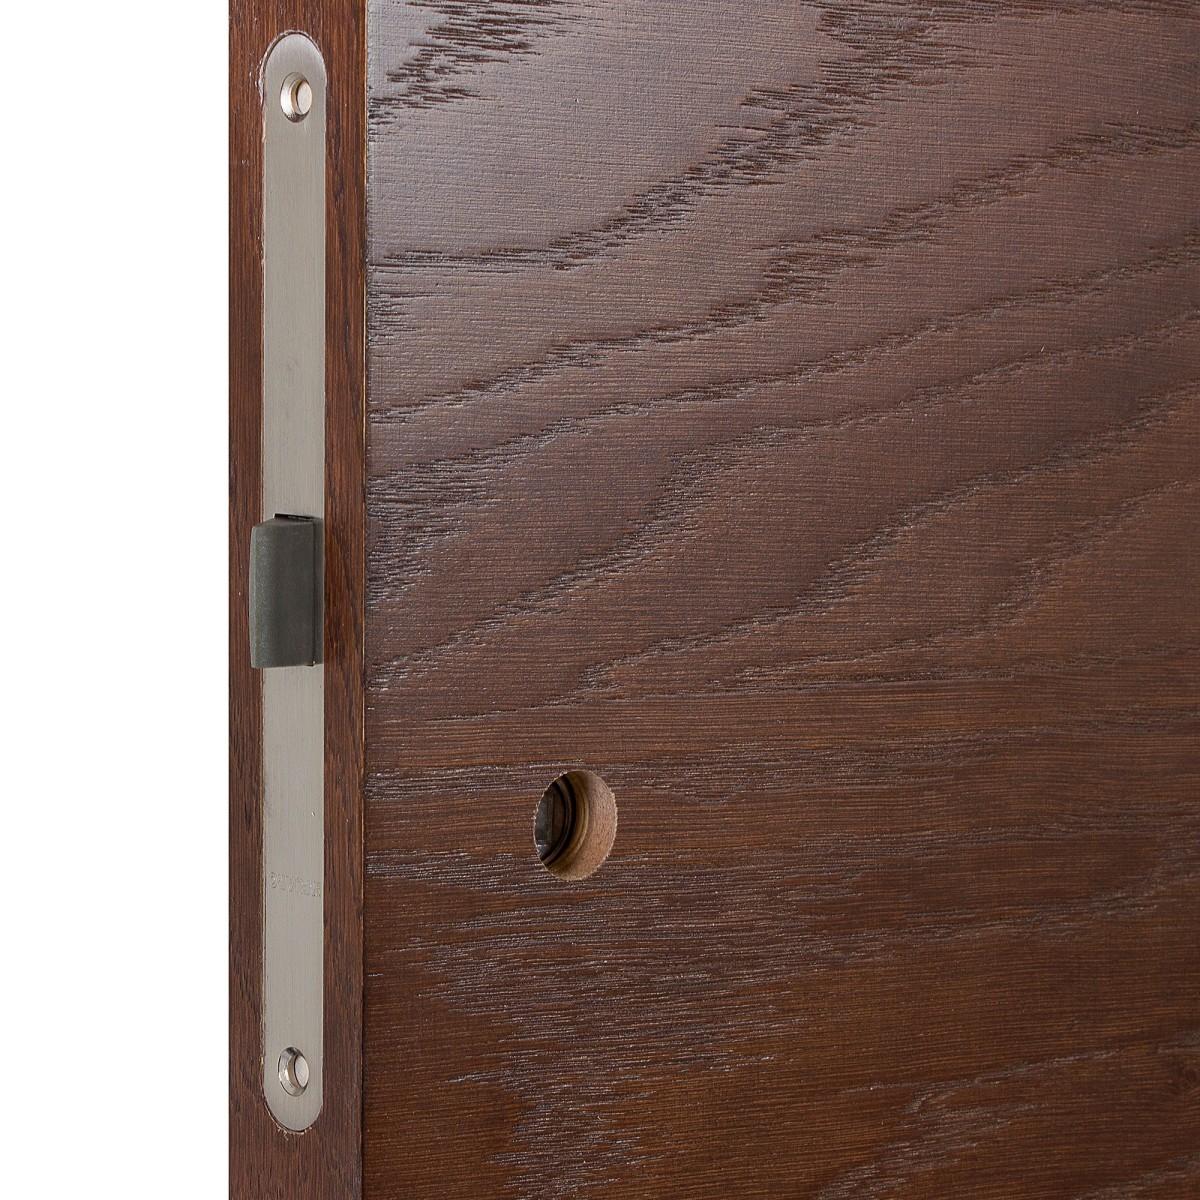 Дверь Межкомнатная Глухая Шпон Антик 60x200 Цвет Дуб Антик